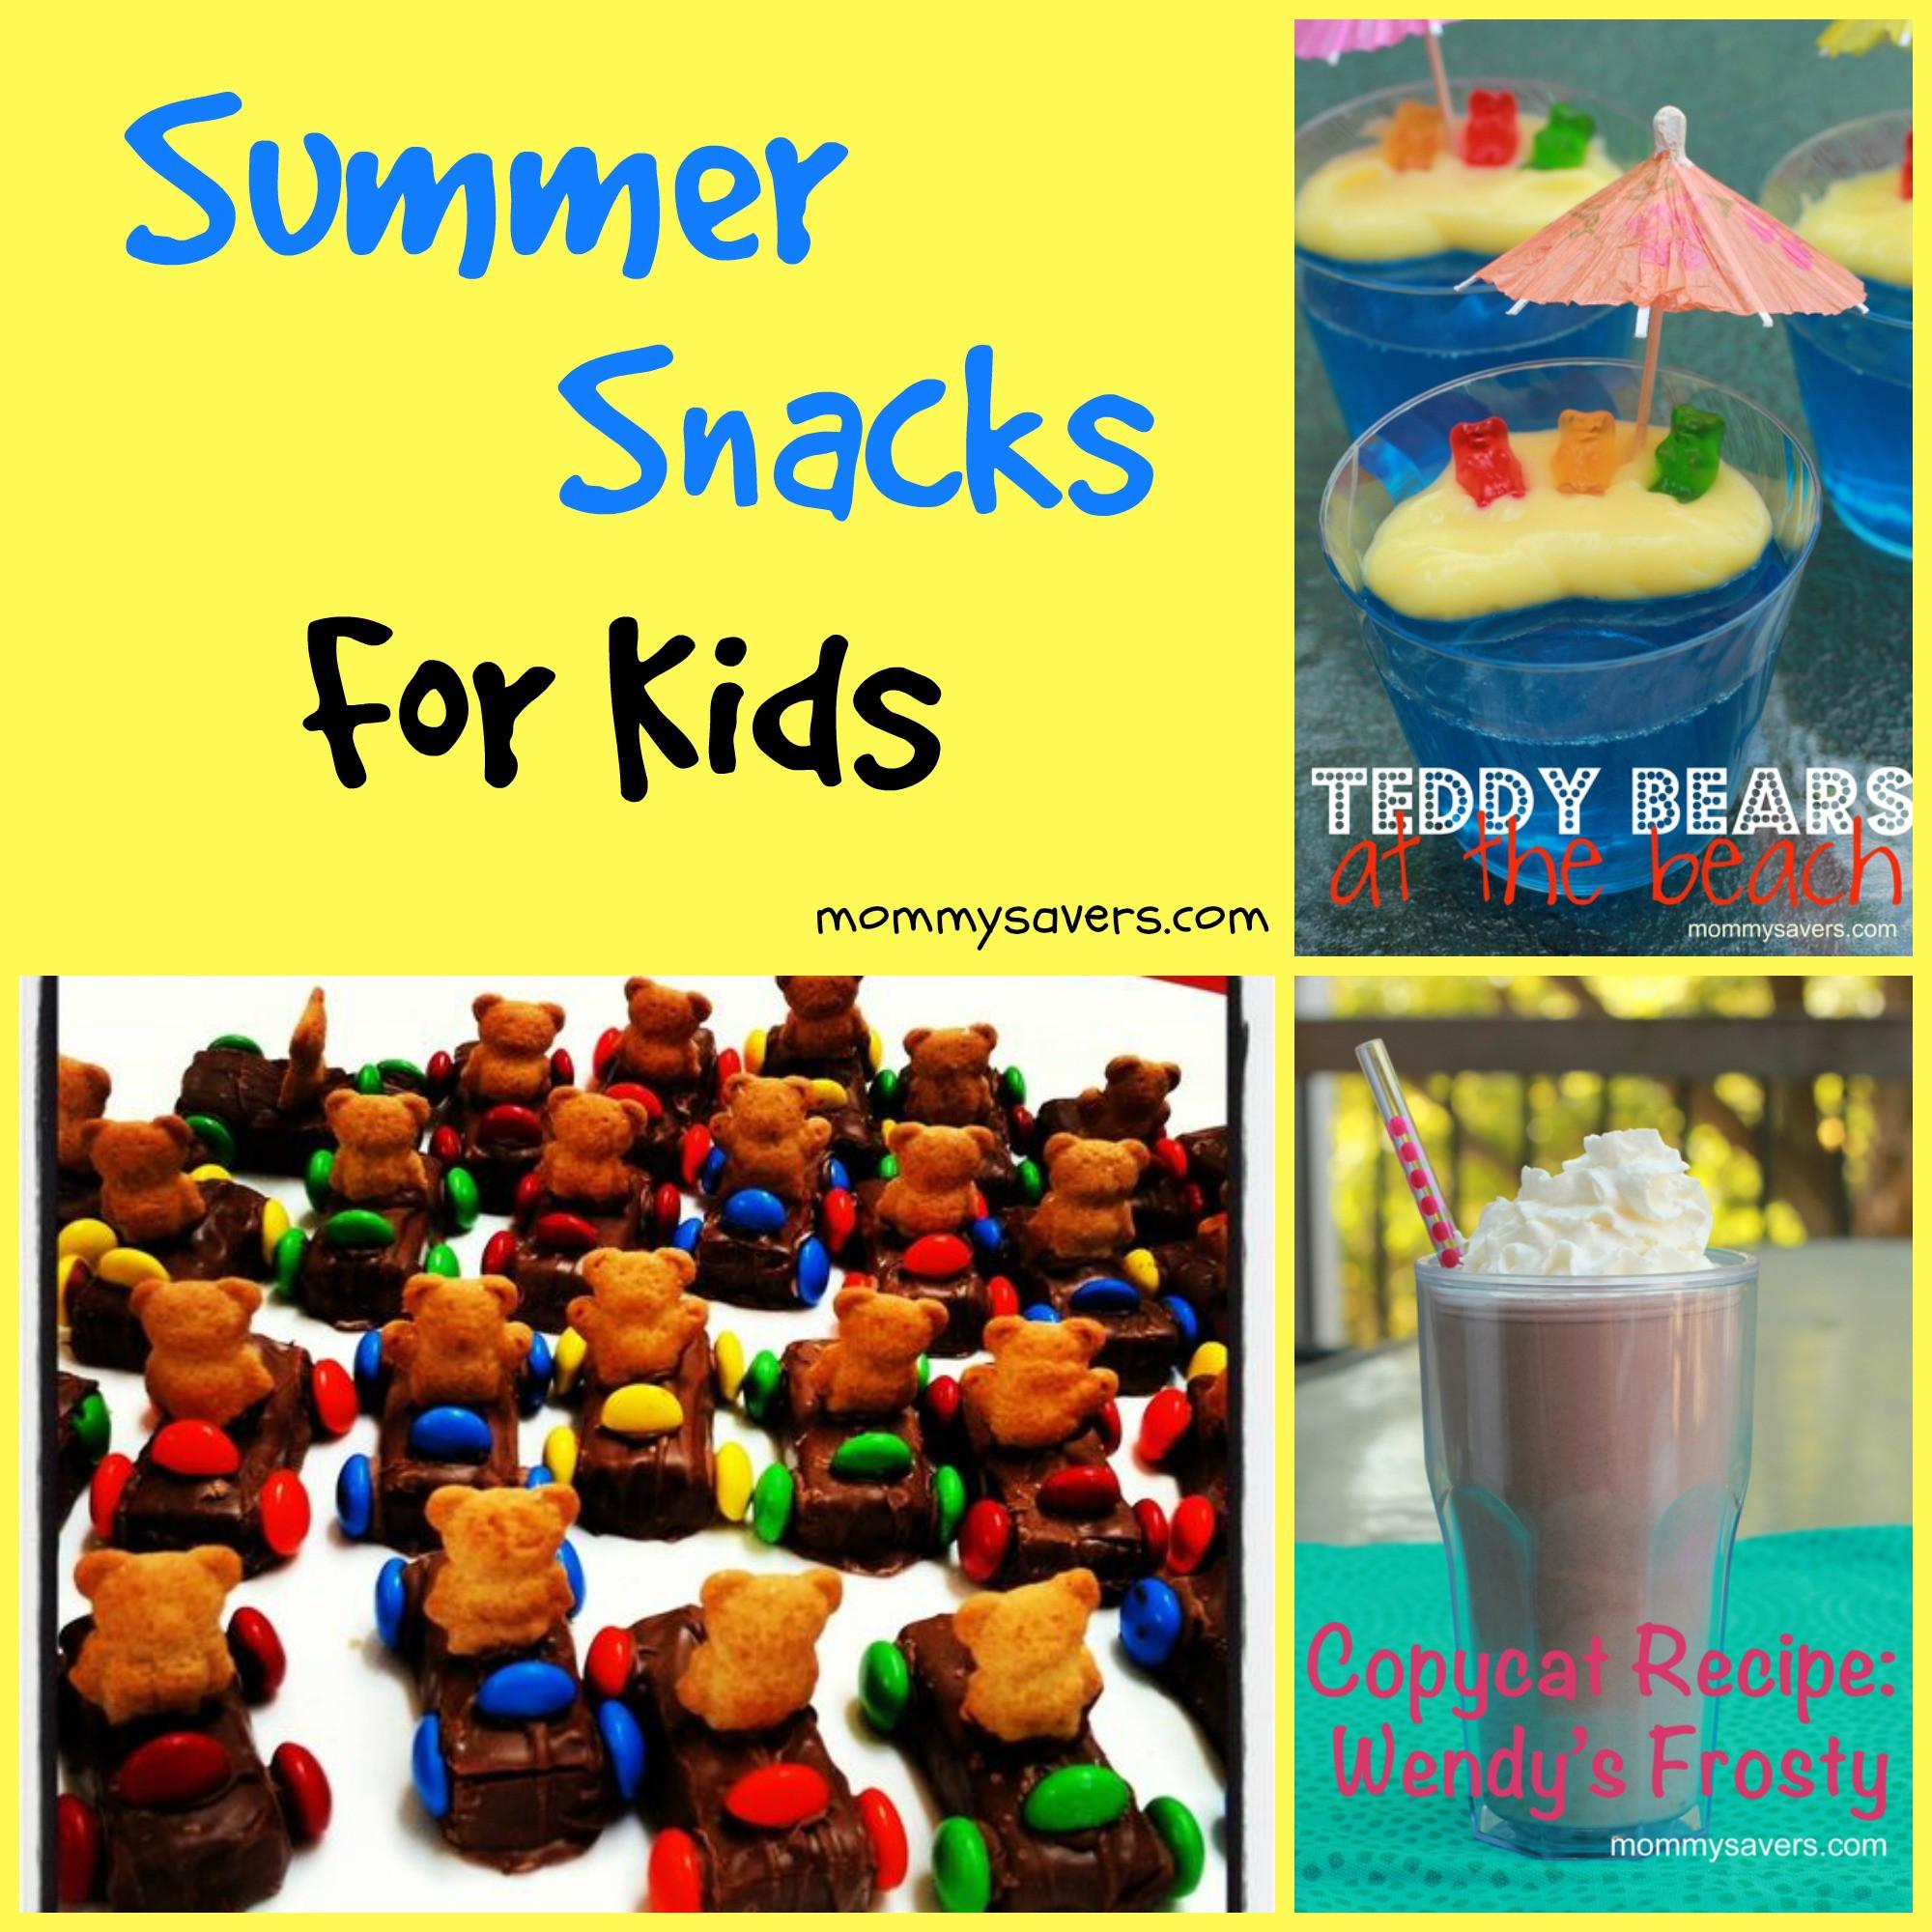 Summertime Snacks Recipe  Summer Snacks for Kids Mommysavers